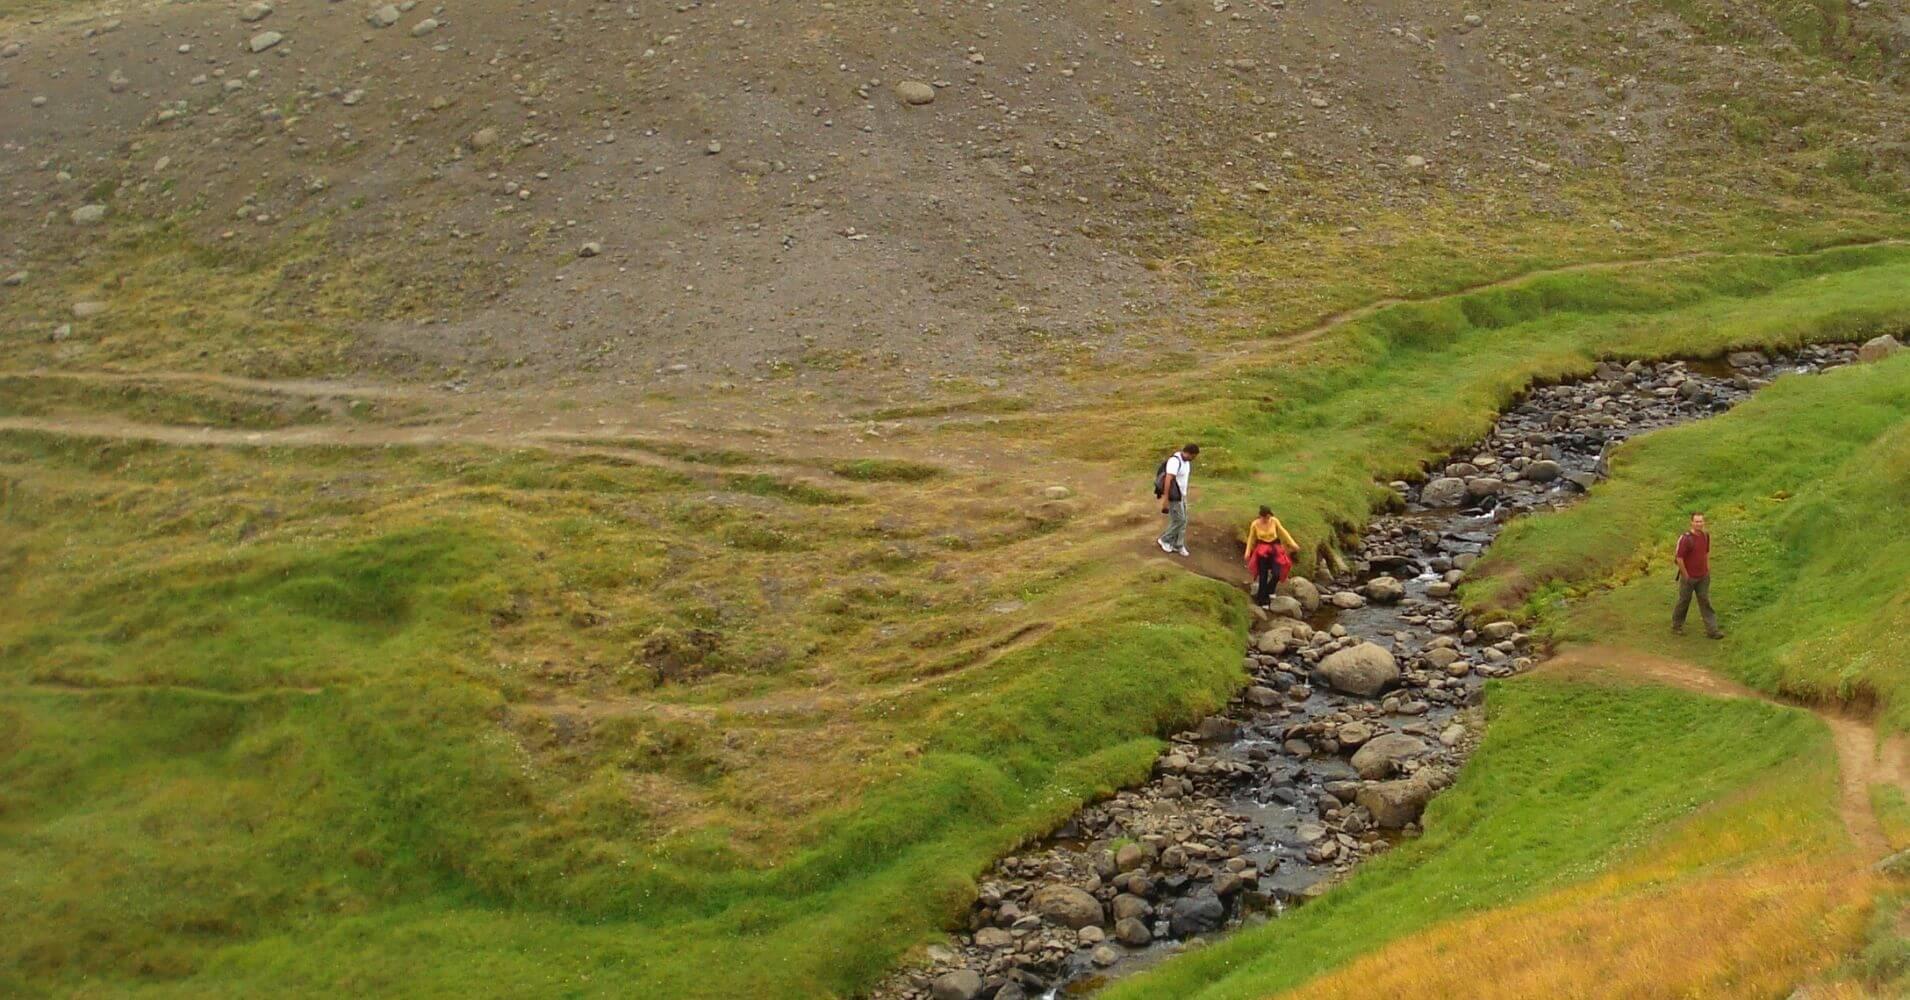 Ruta Senderismo Hallormsstadur Este de Islandia.